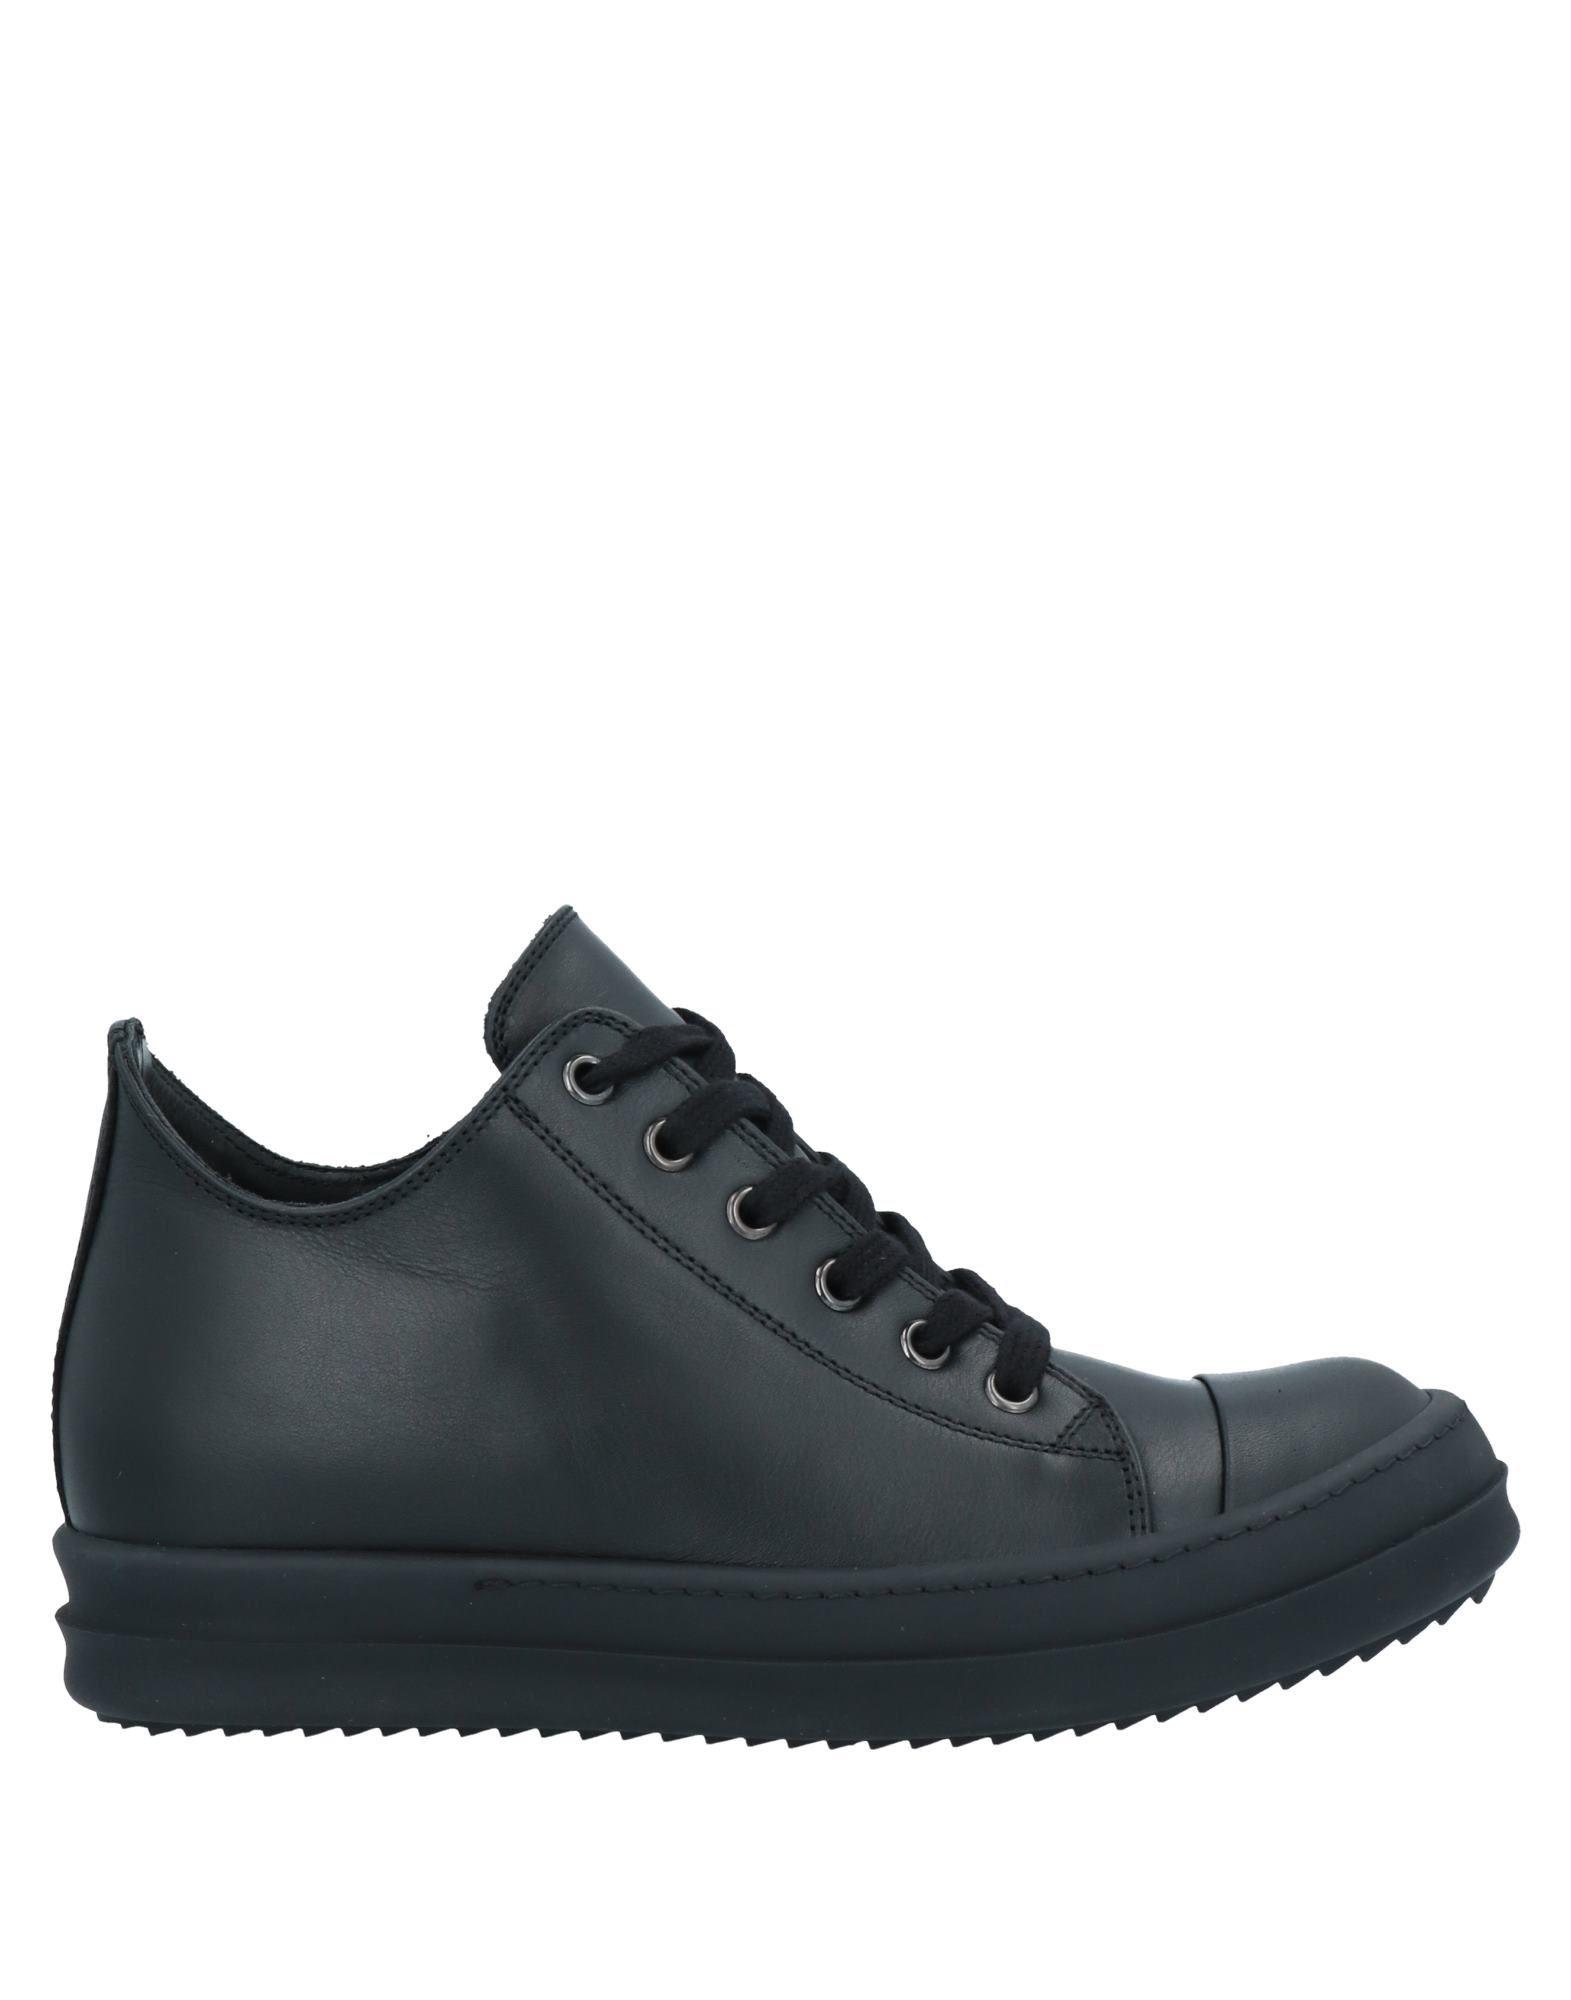 RICK OWENS Low-tops & sneakers - Item 17022471